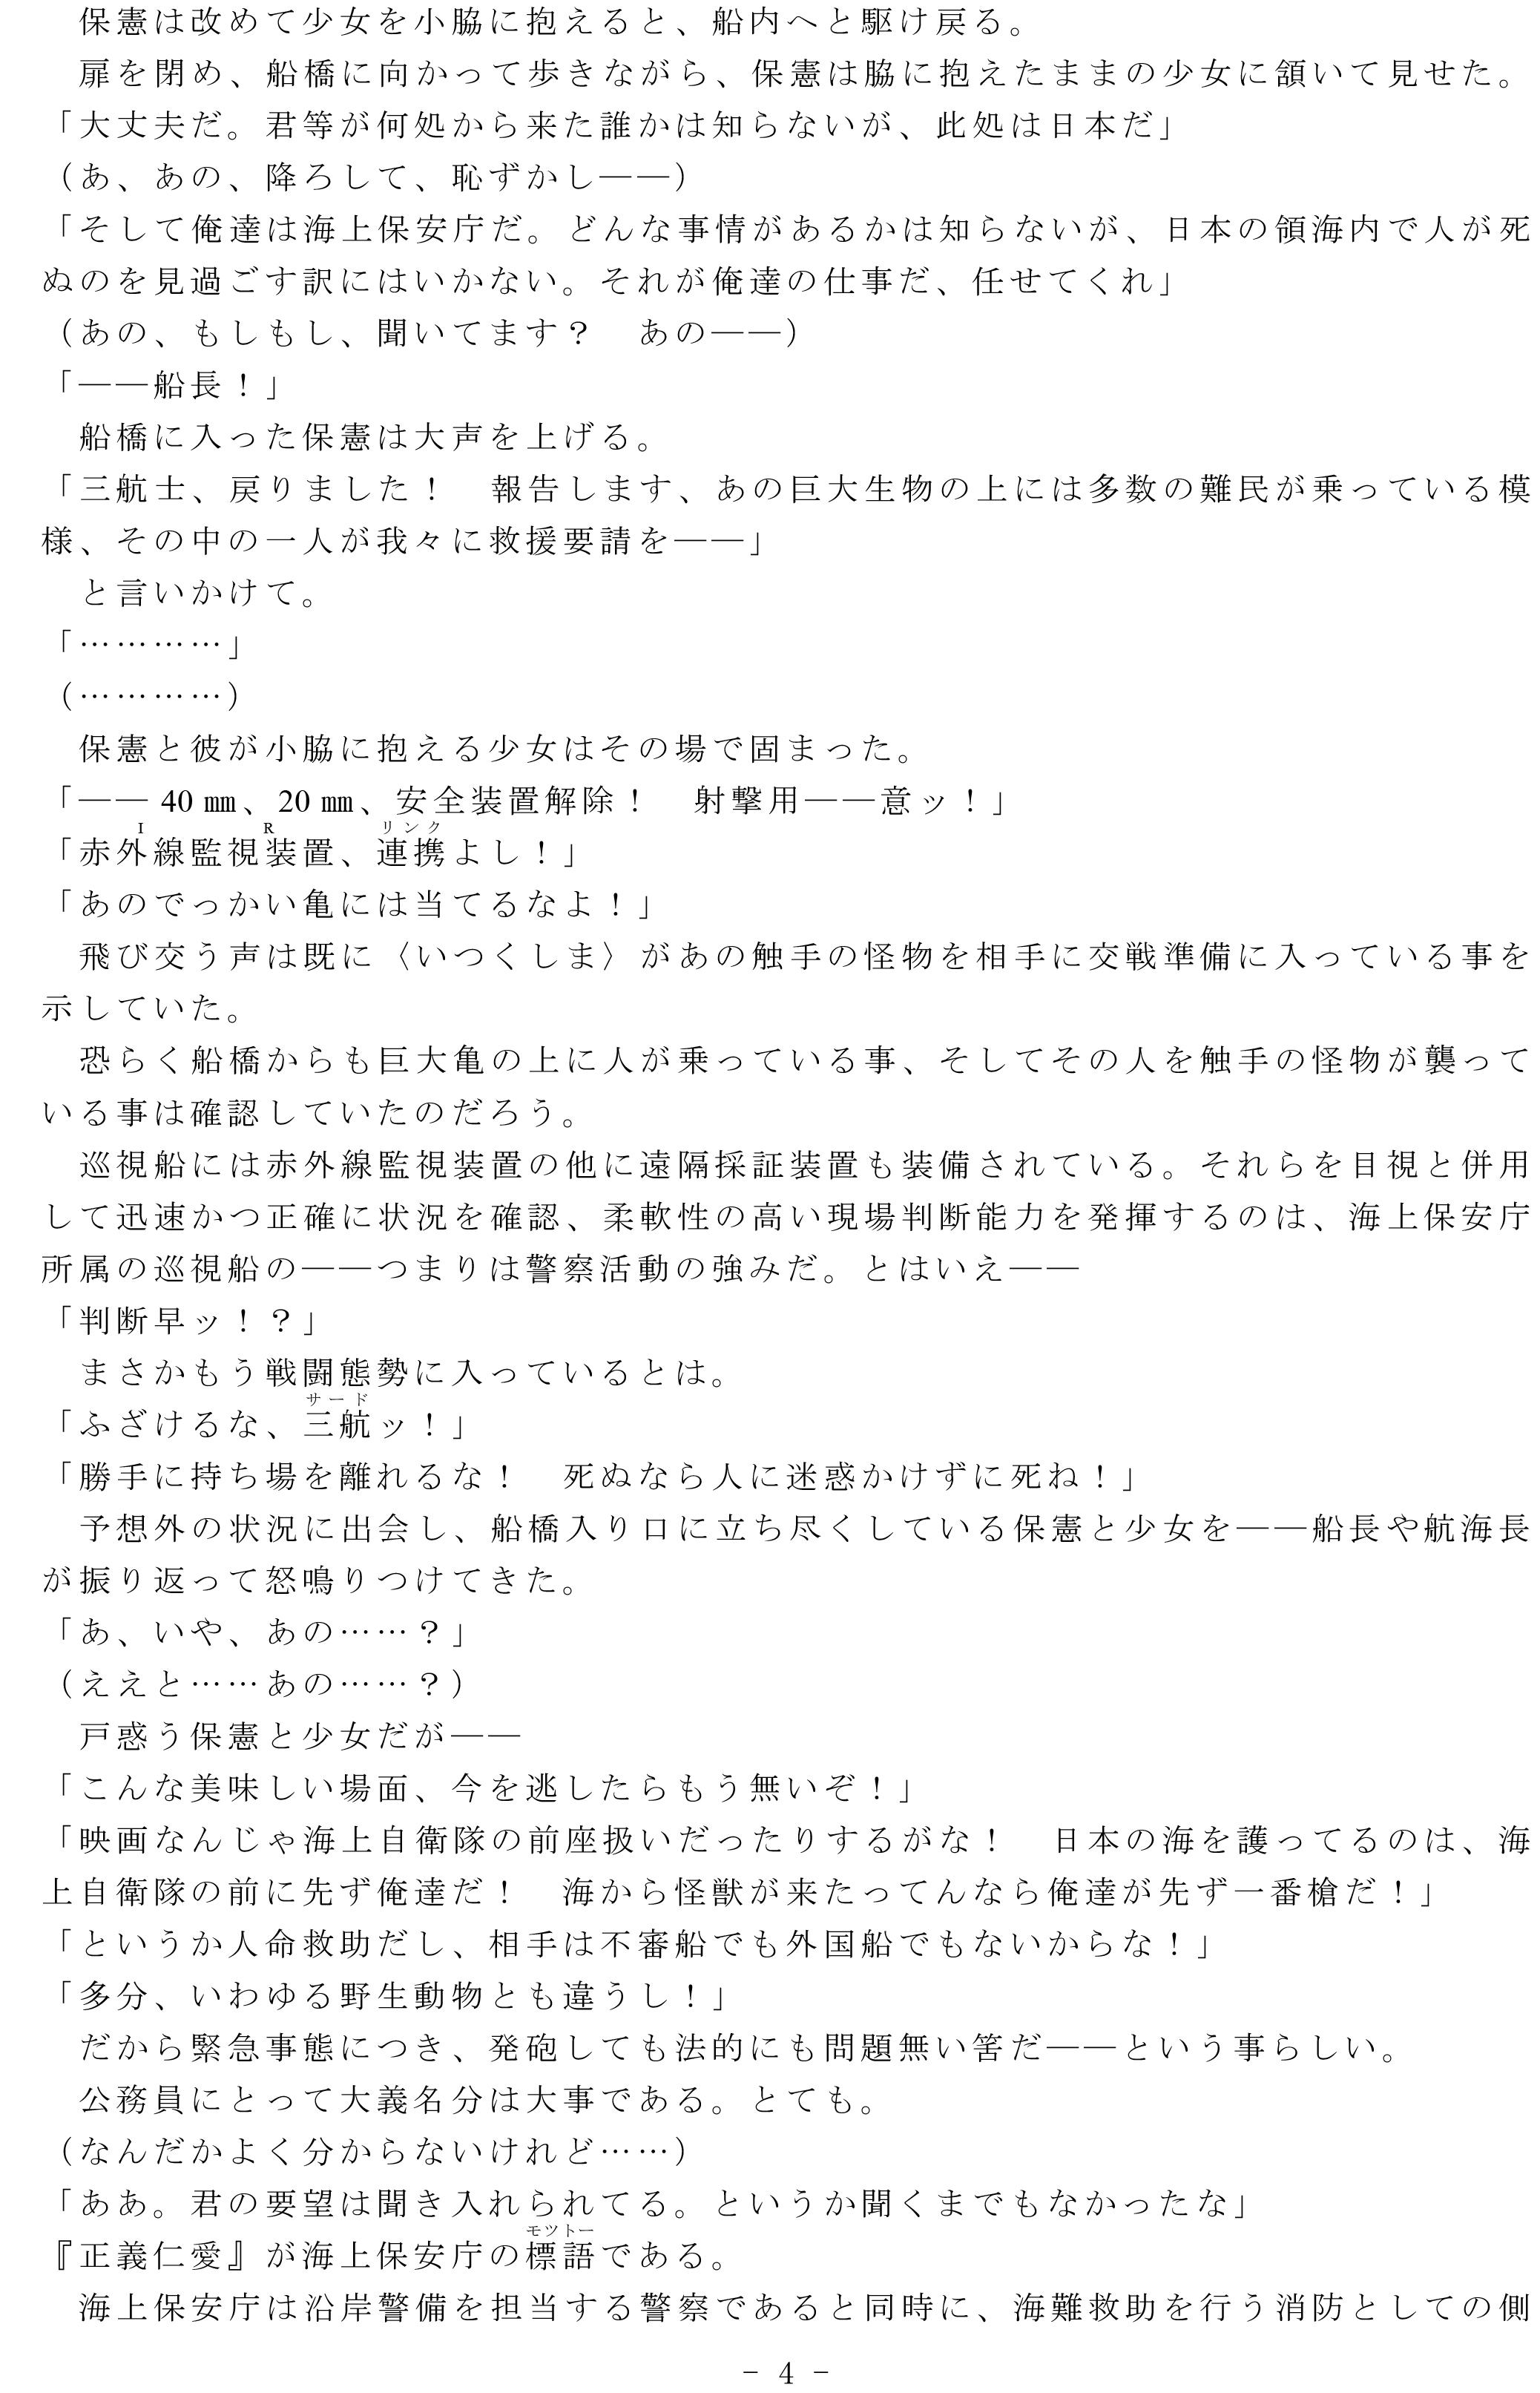 yomeyome_SP_SS_4